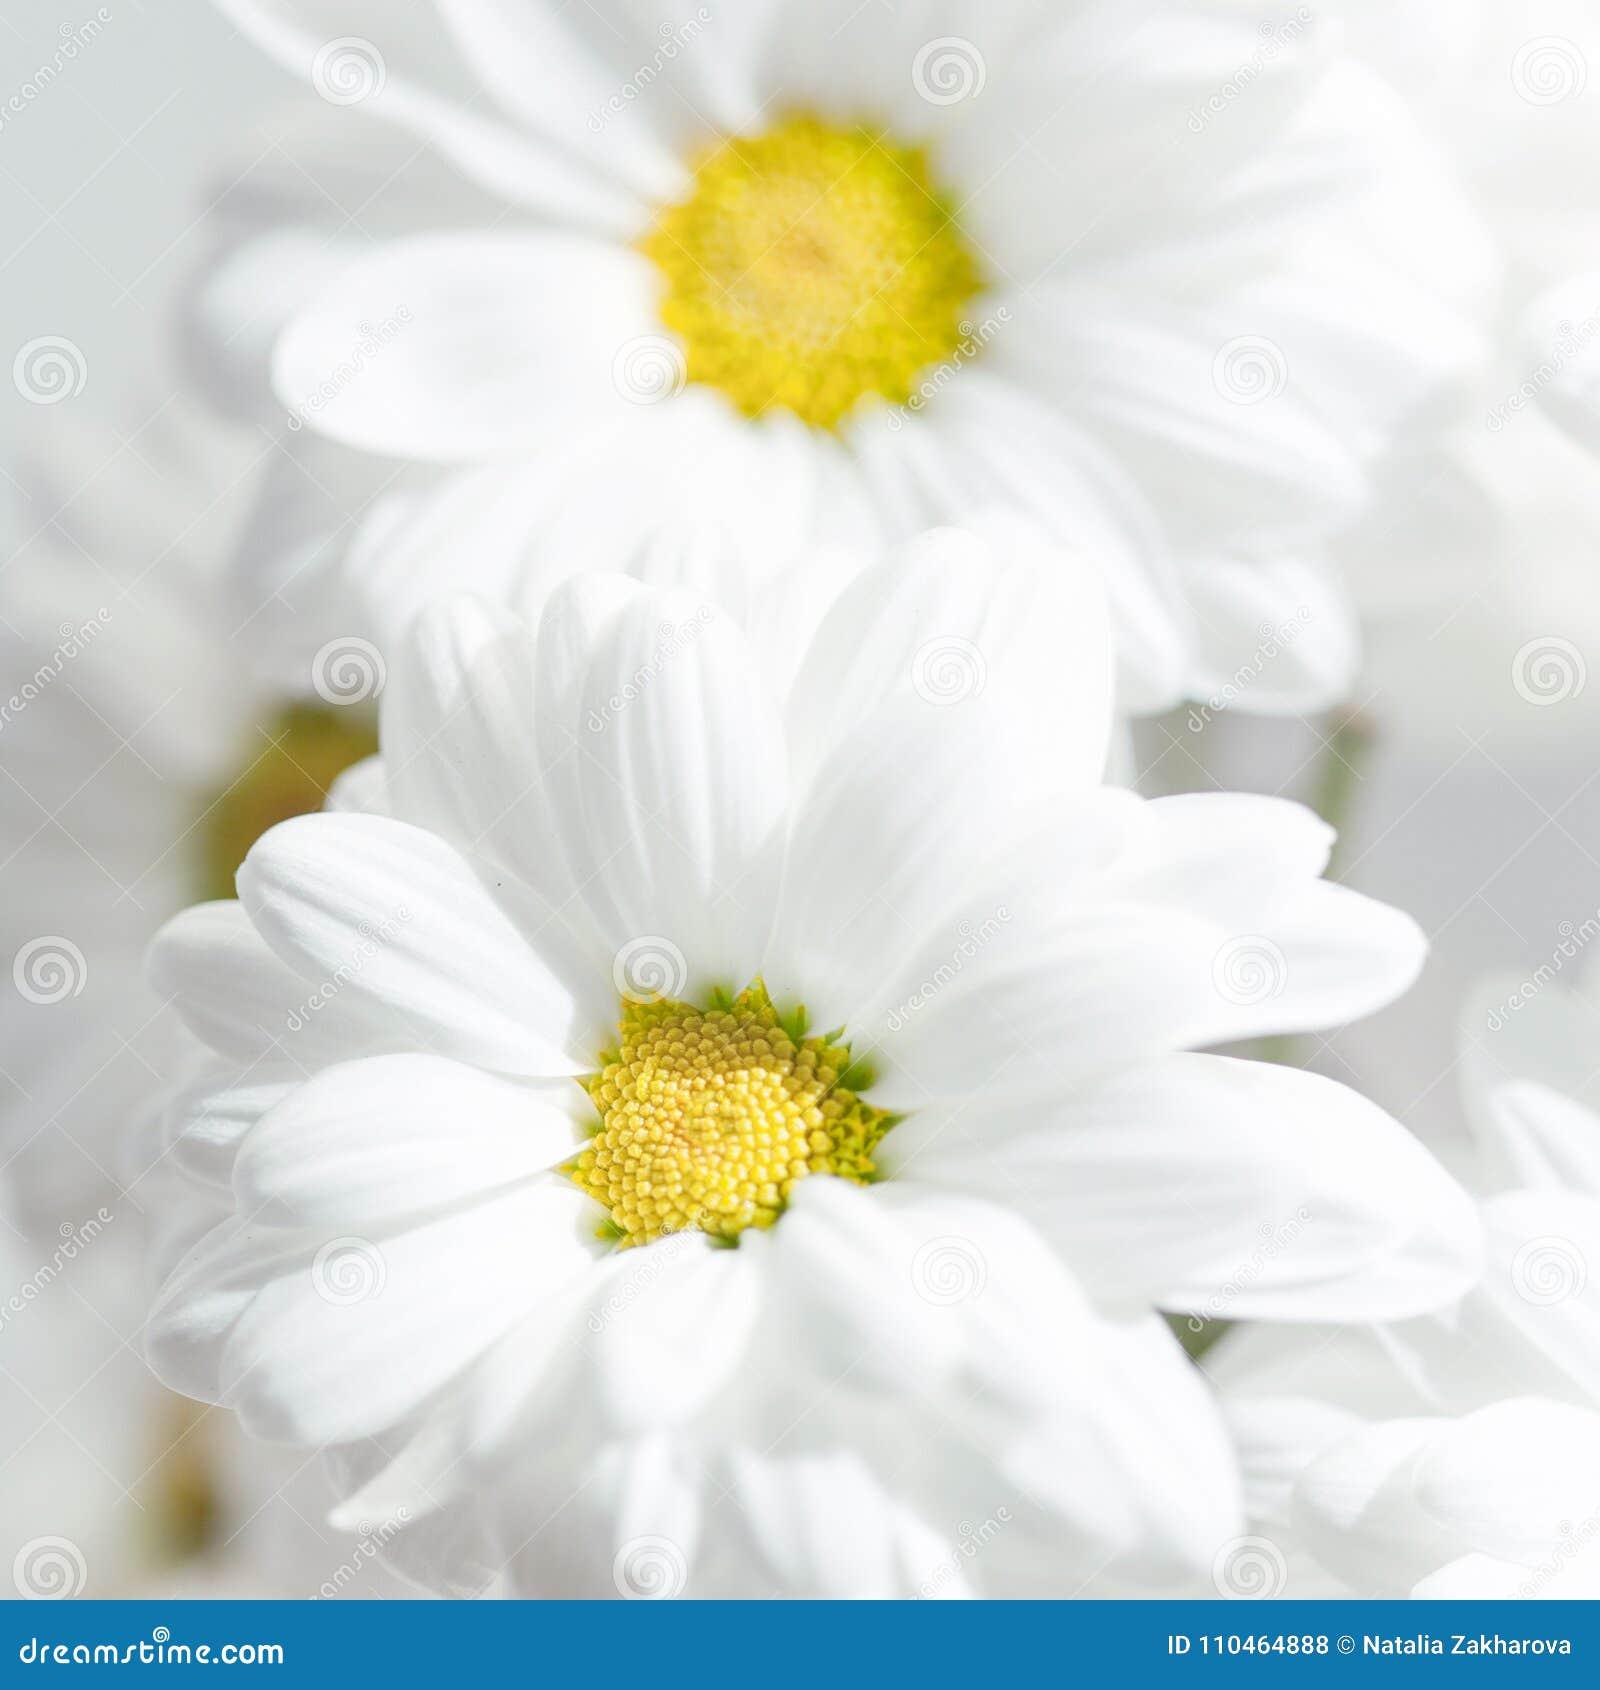 Spring Flowers Wallpaper White Gerbera Flower Or Daisy Flower Stock